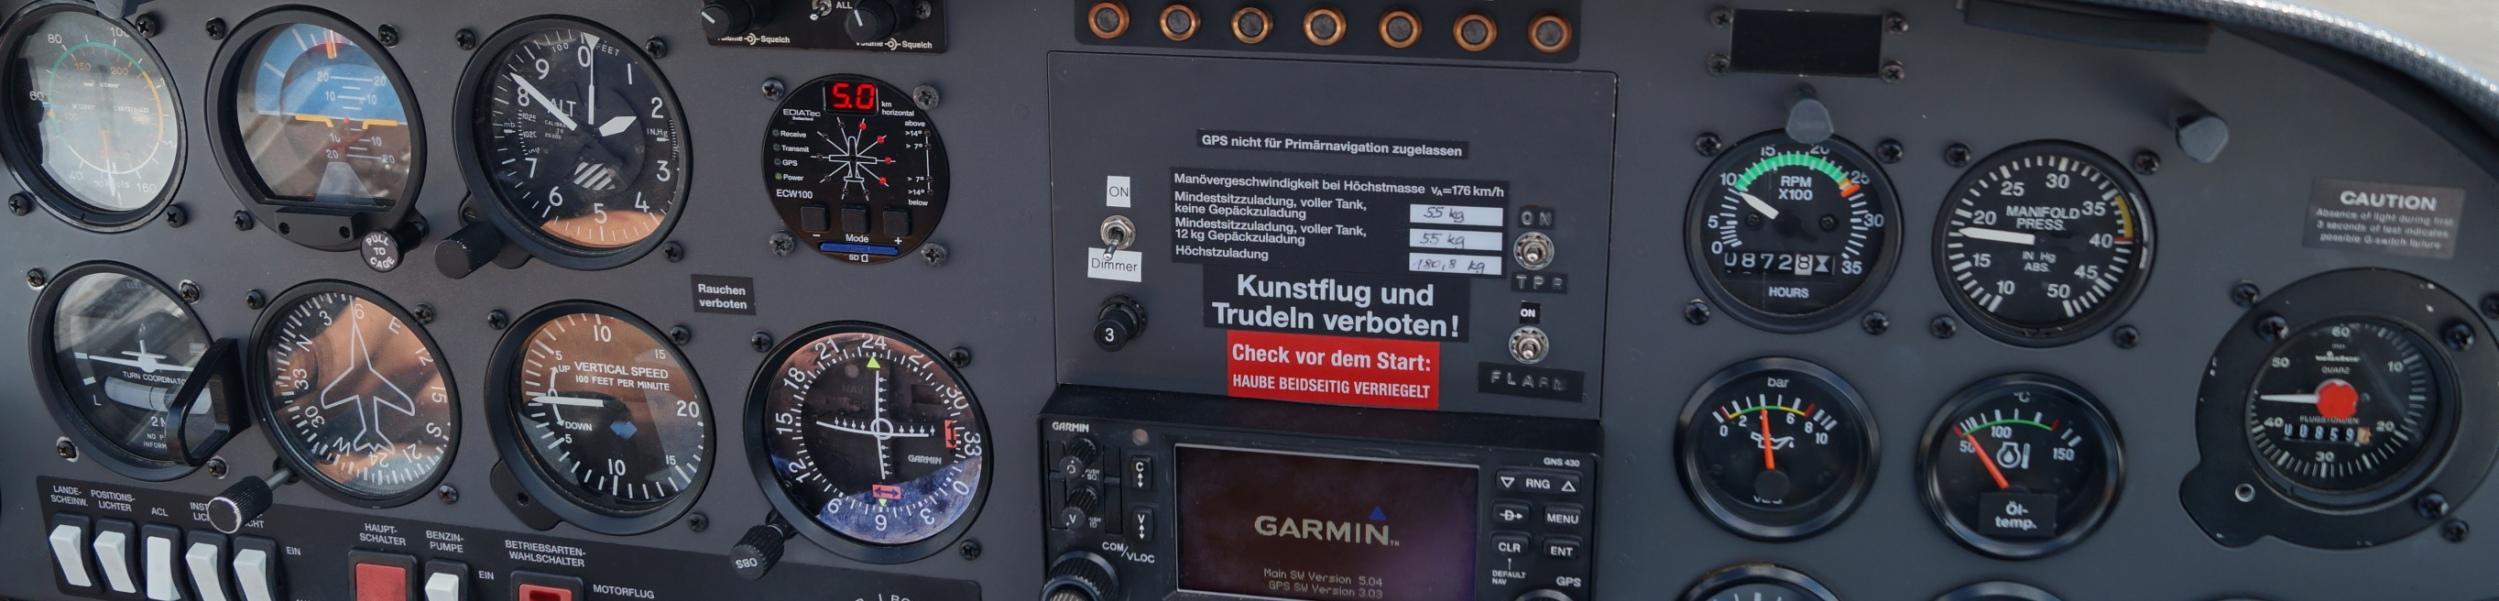 Cockpit Motorsegler